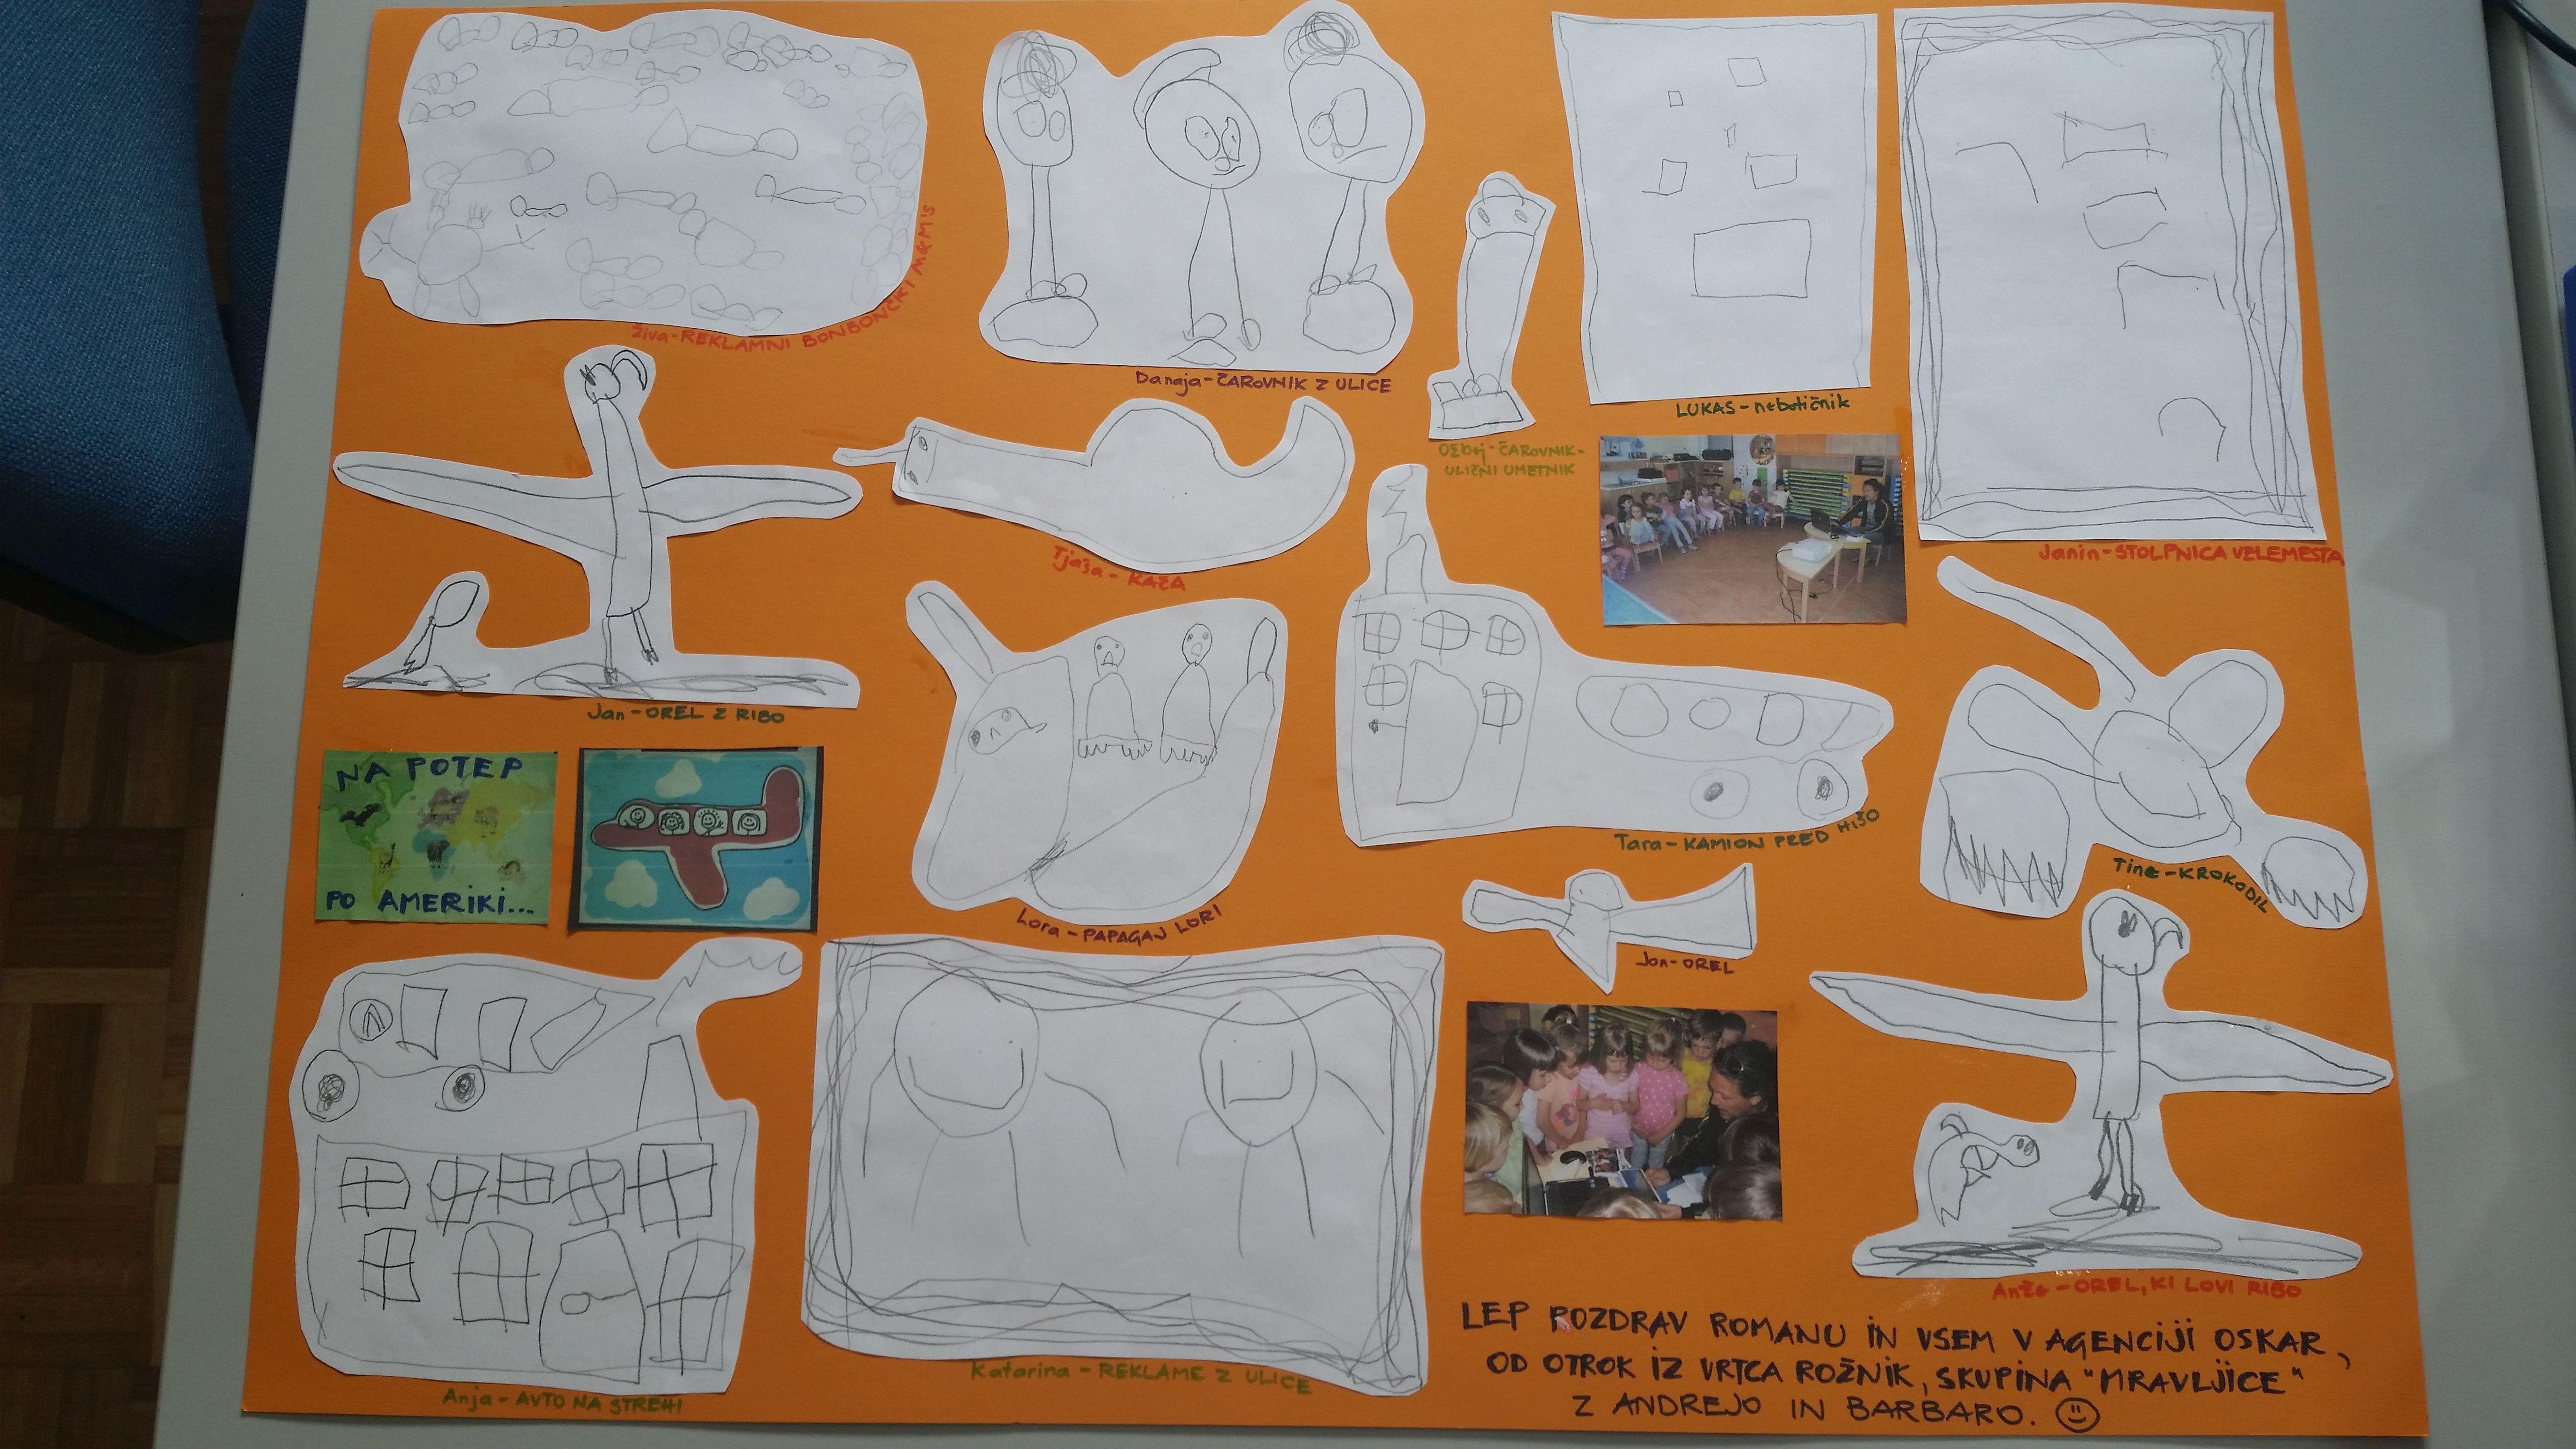 V zahvalo so nam otroci iz vrtca s pomočjo vzgojiteljic izdelali plakat.